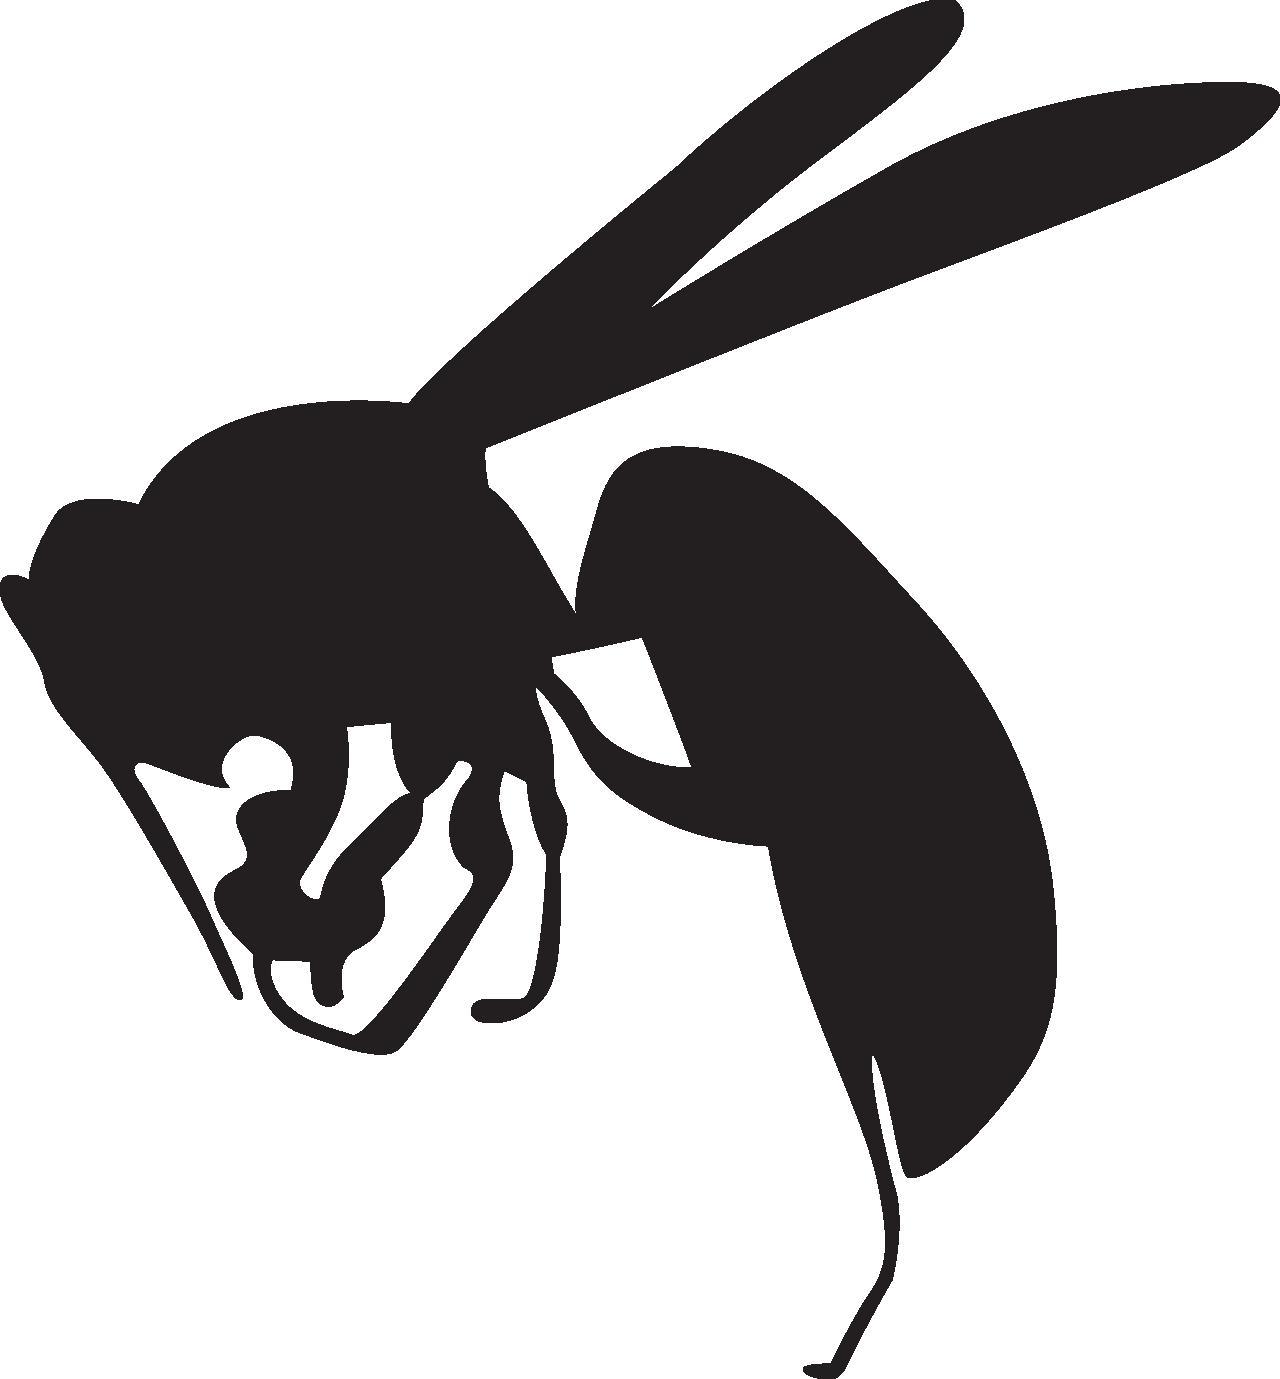 スズメバチに50分間刺されて死亡 女性を救えなかった背景 | ガールズ